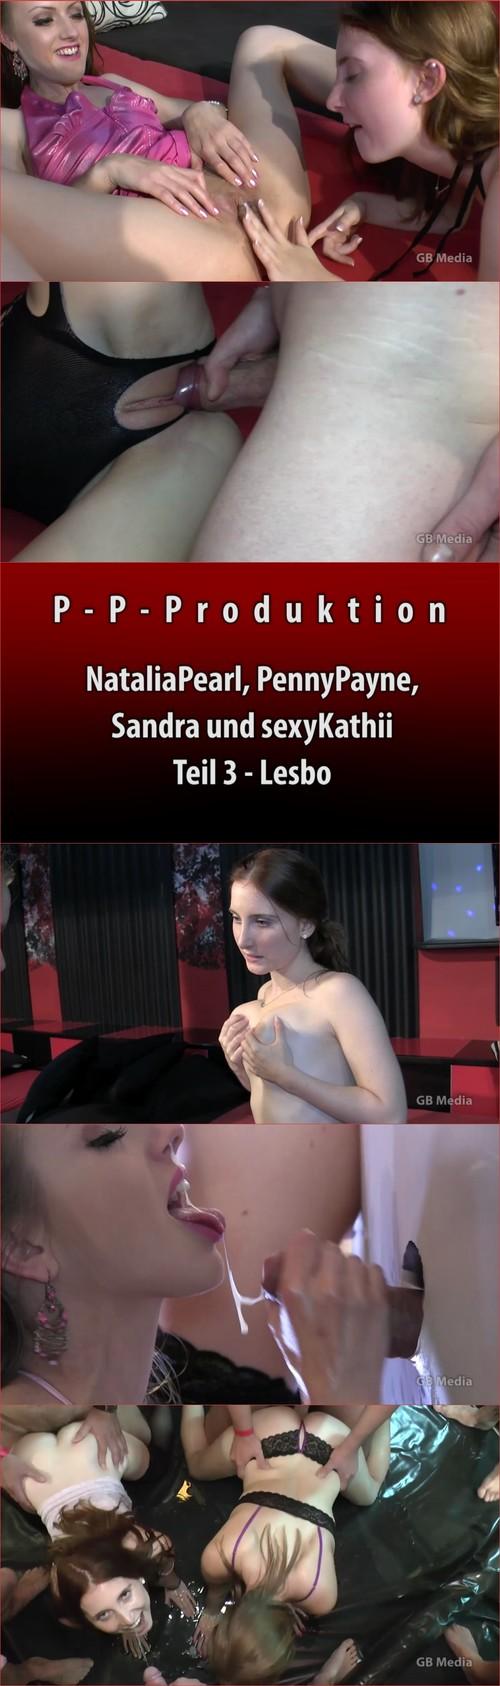 Natalia Pearl Penny Payne Lia-Louise und KathiRocks